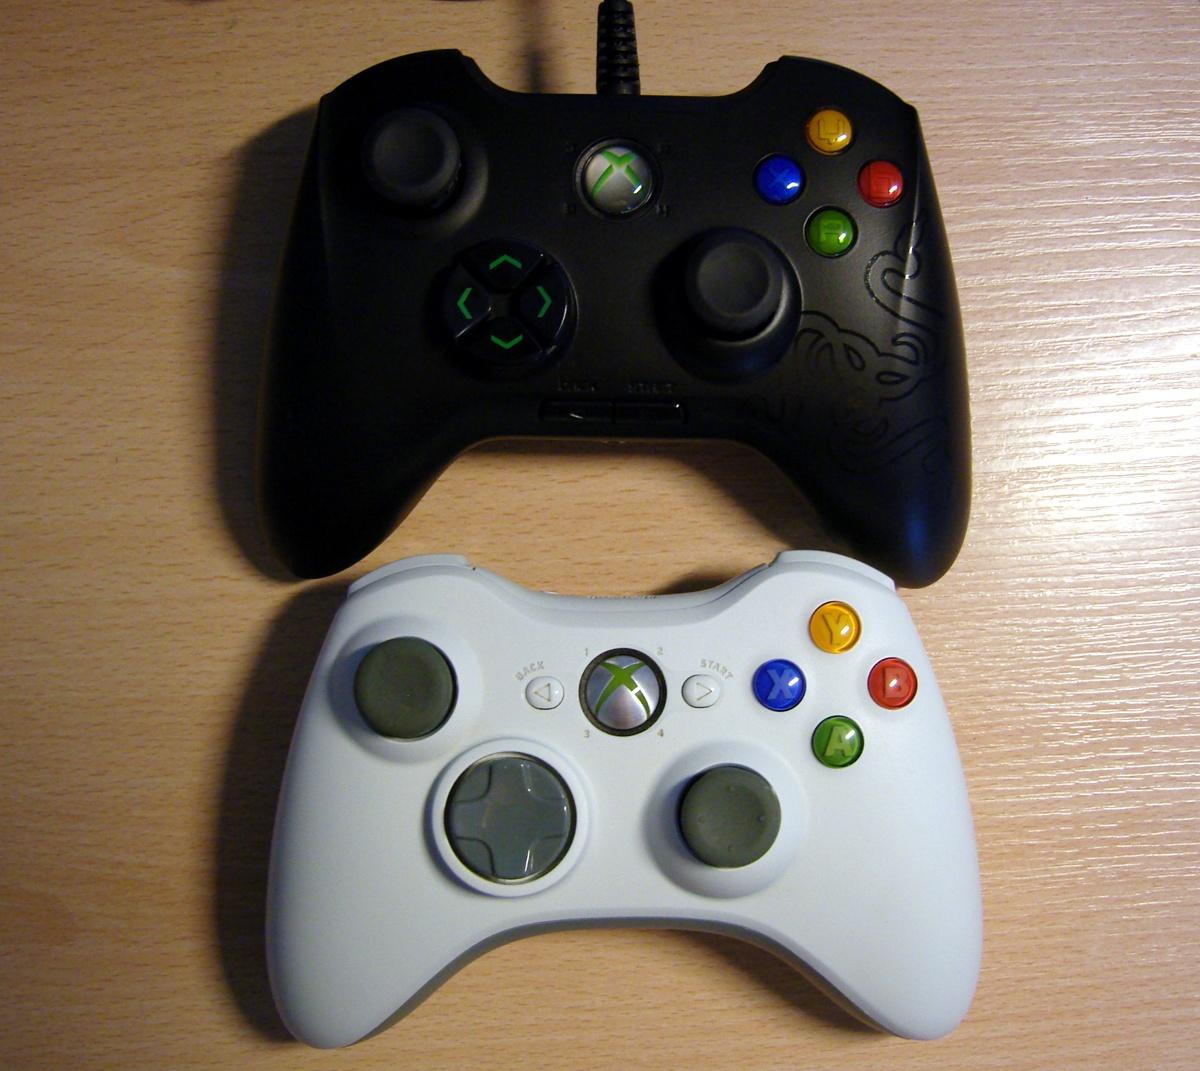 Обзор контроллера Razer Onza для Xbox 360 и PC » Журнал SaleGame.